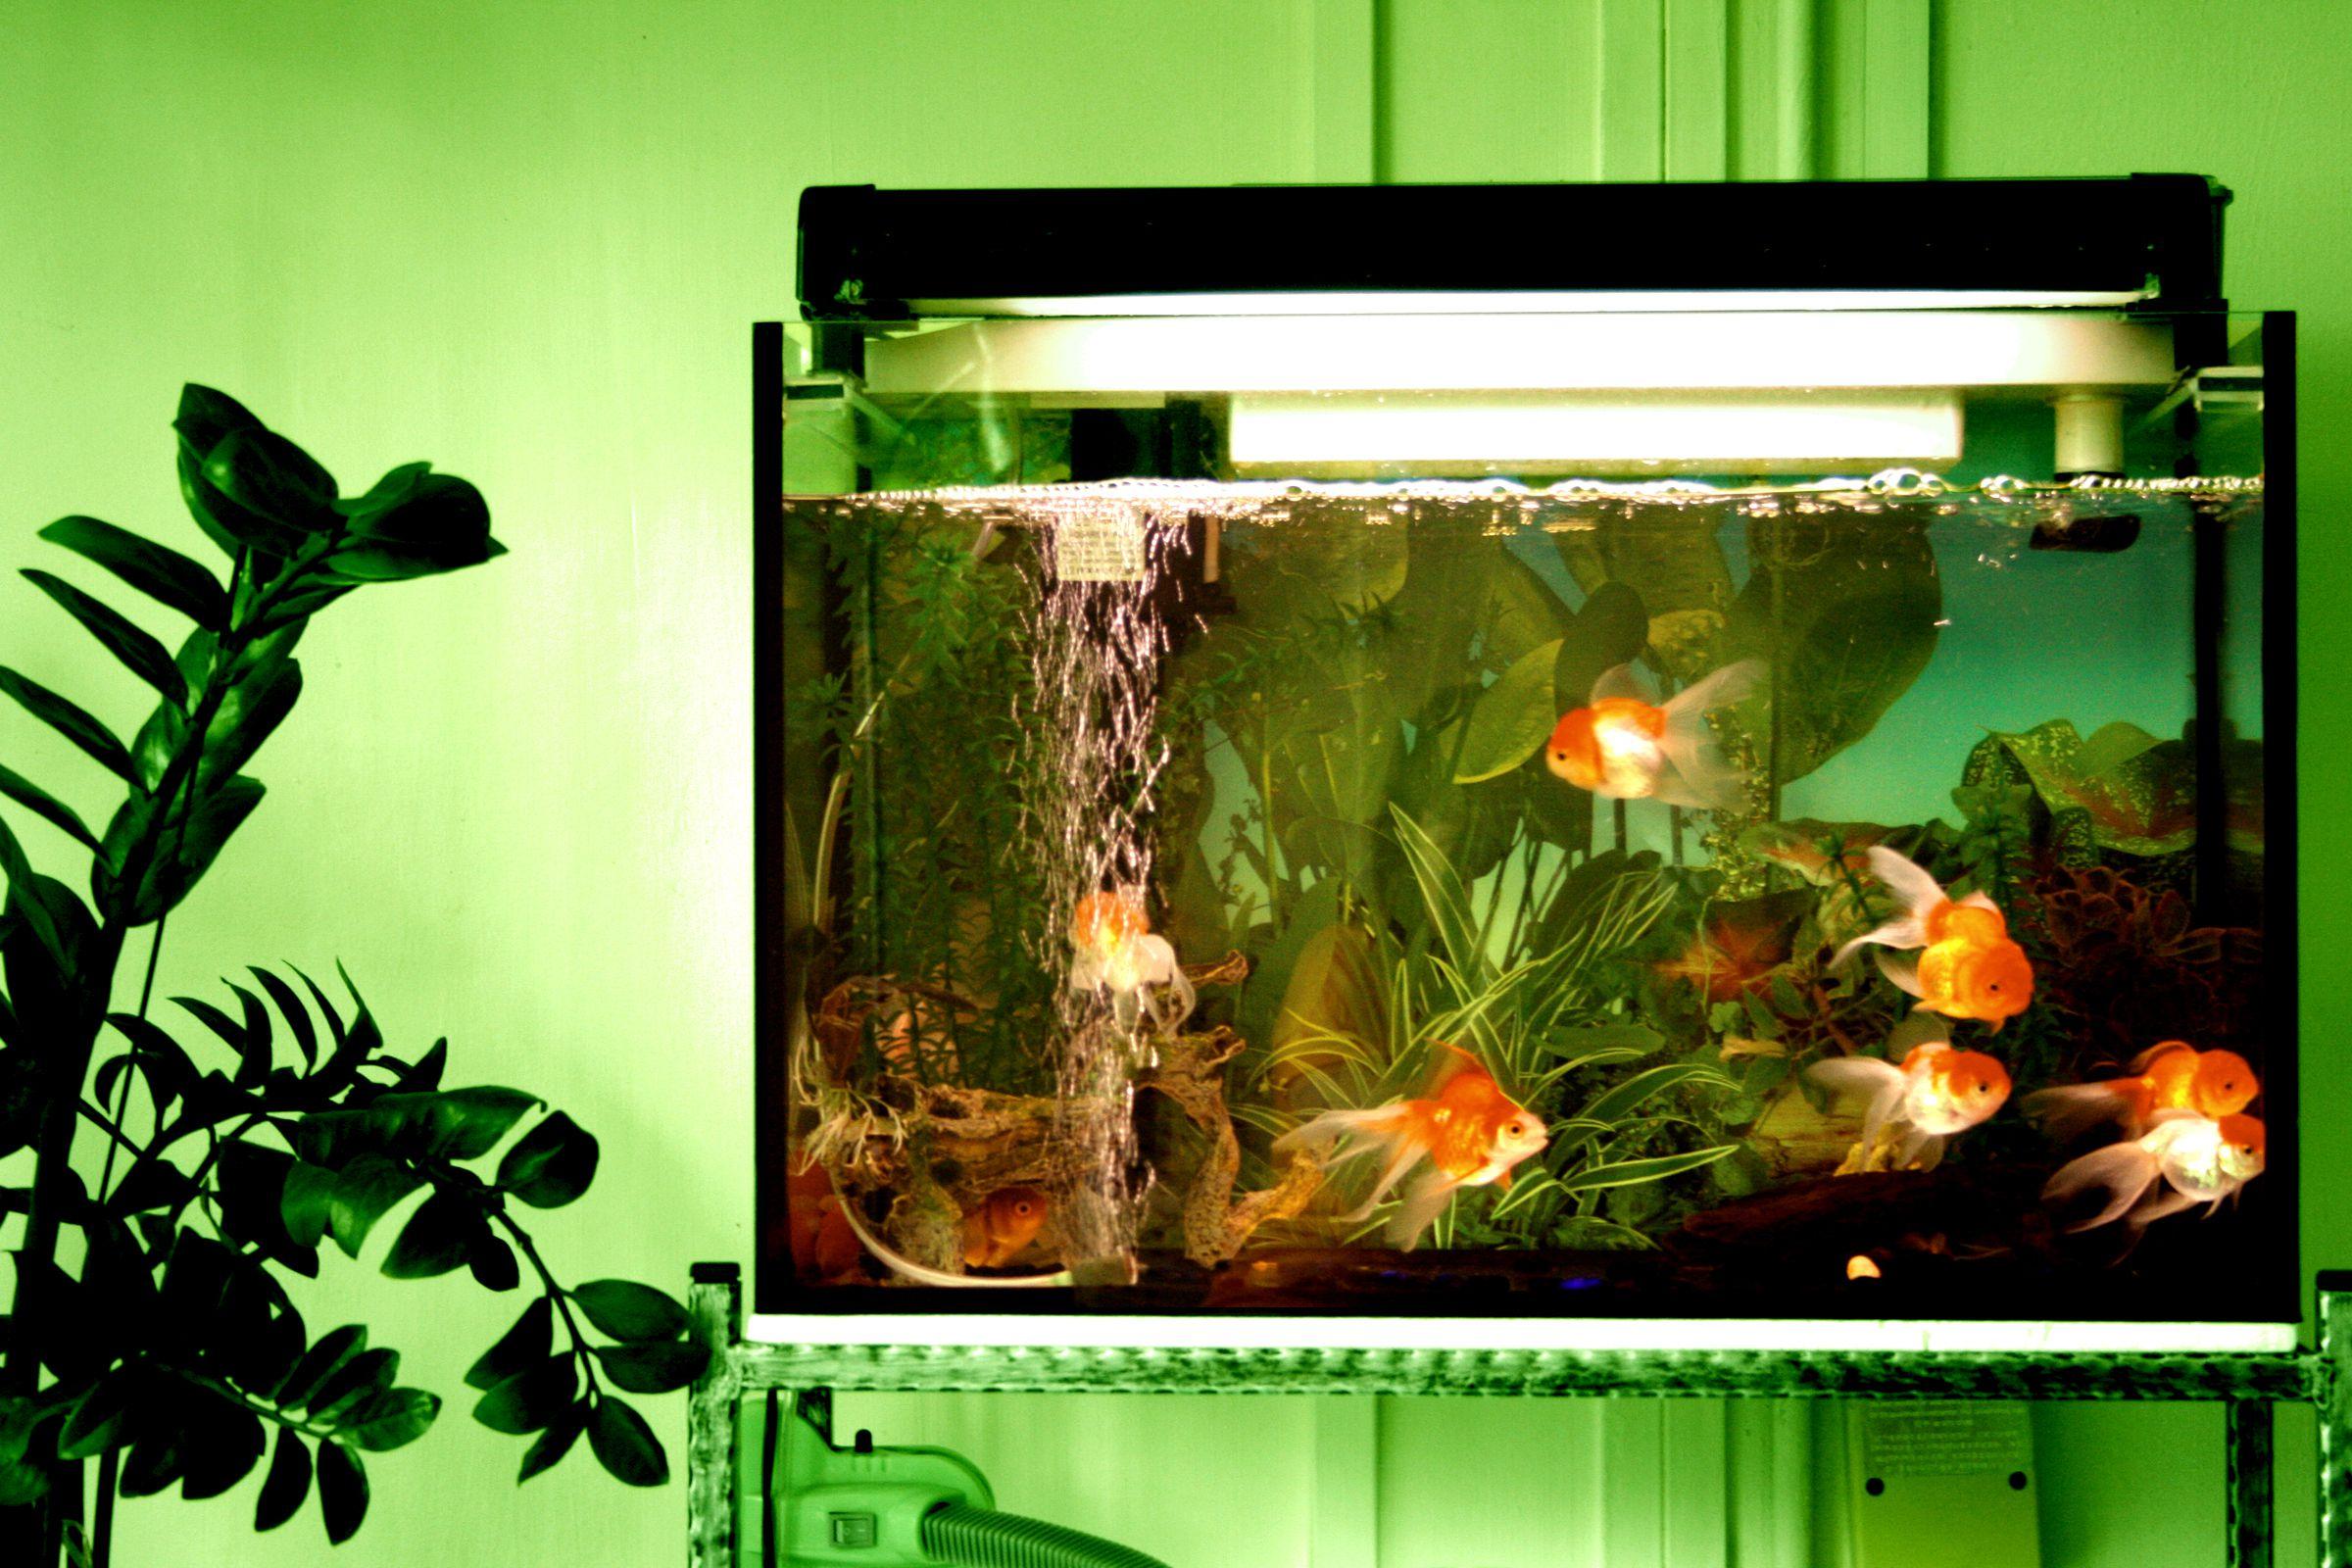 Aquarium Safety And Potential Hazards